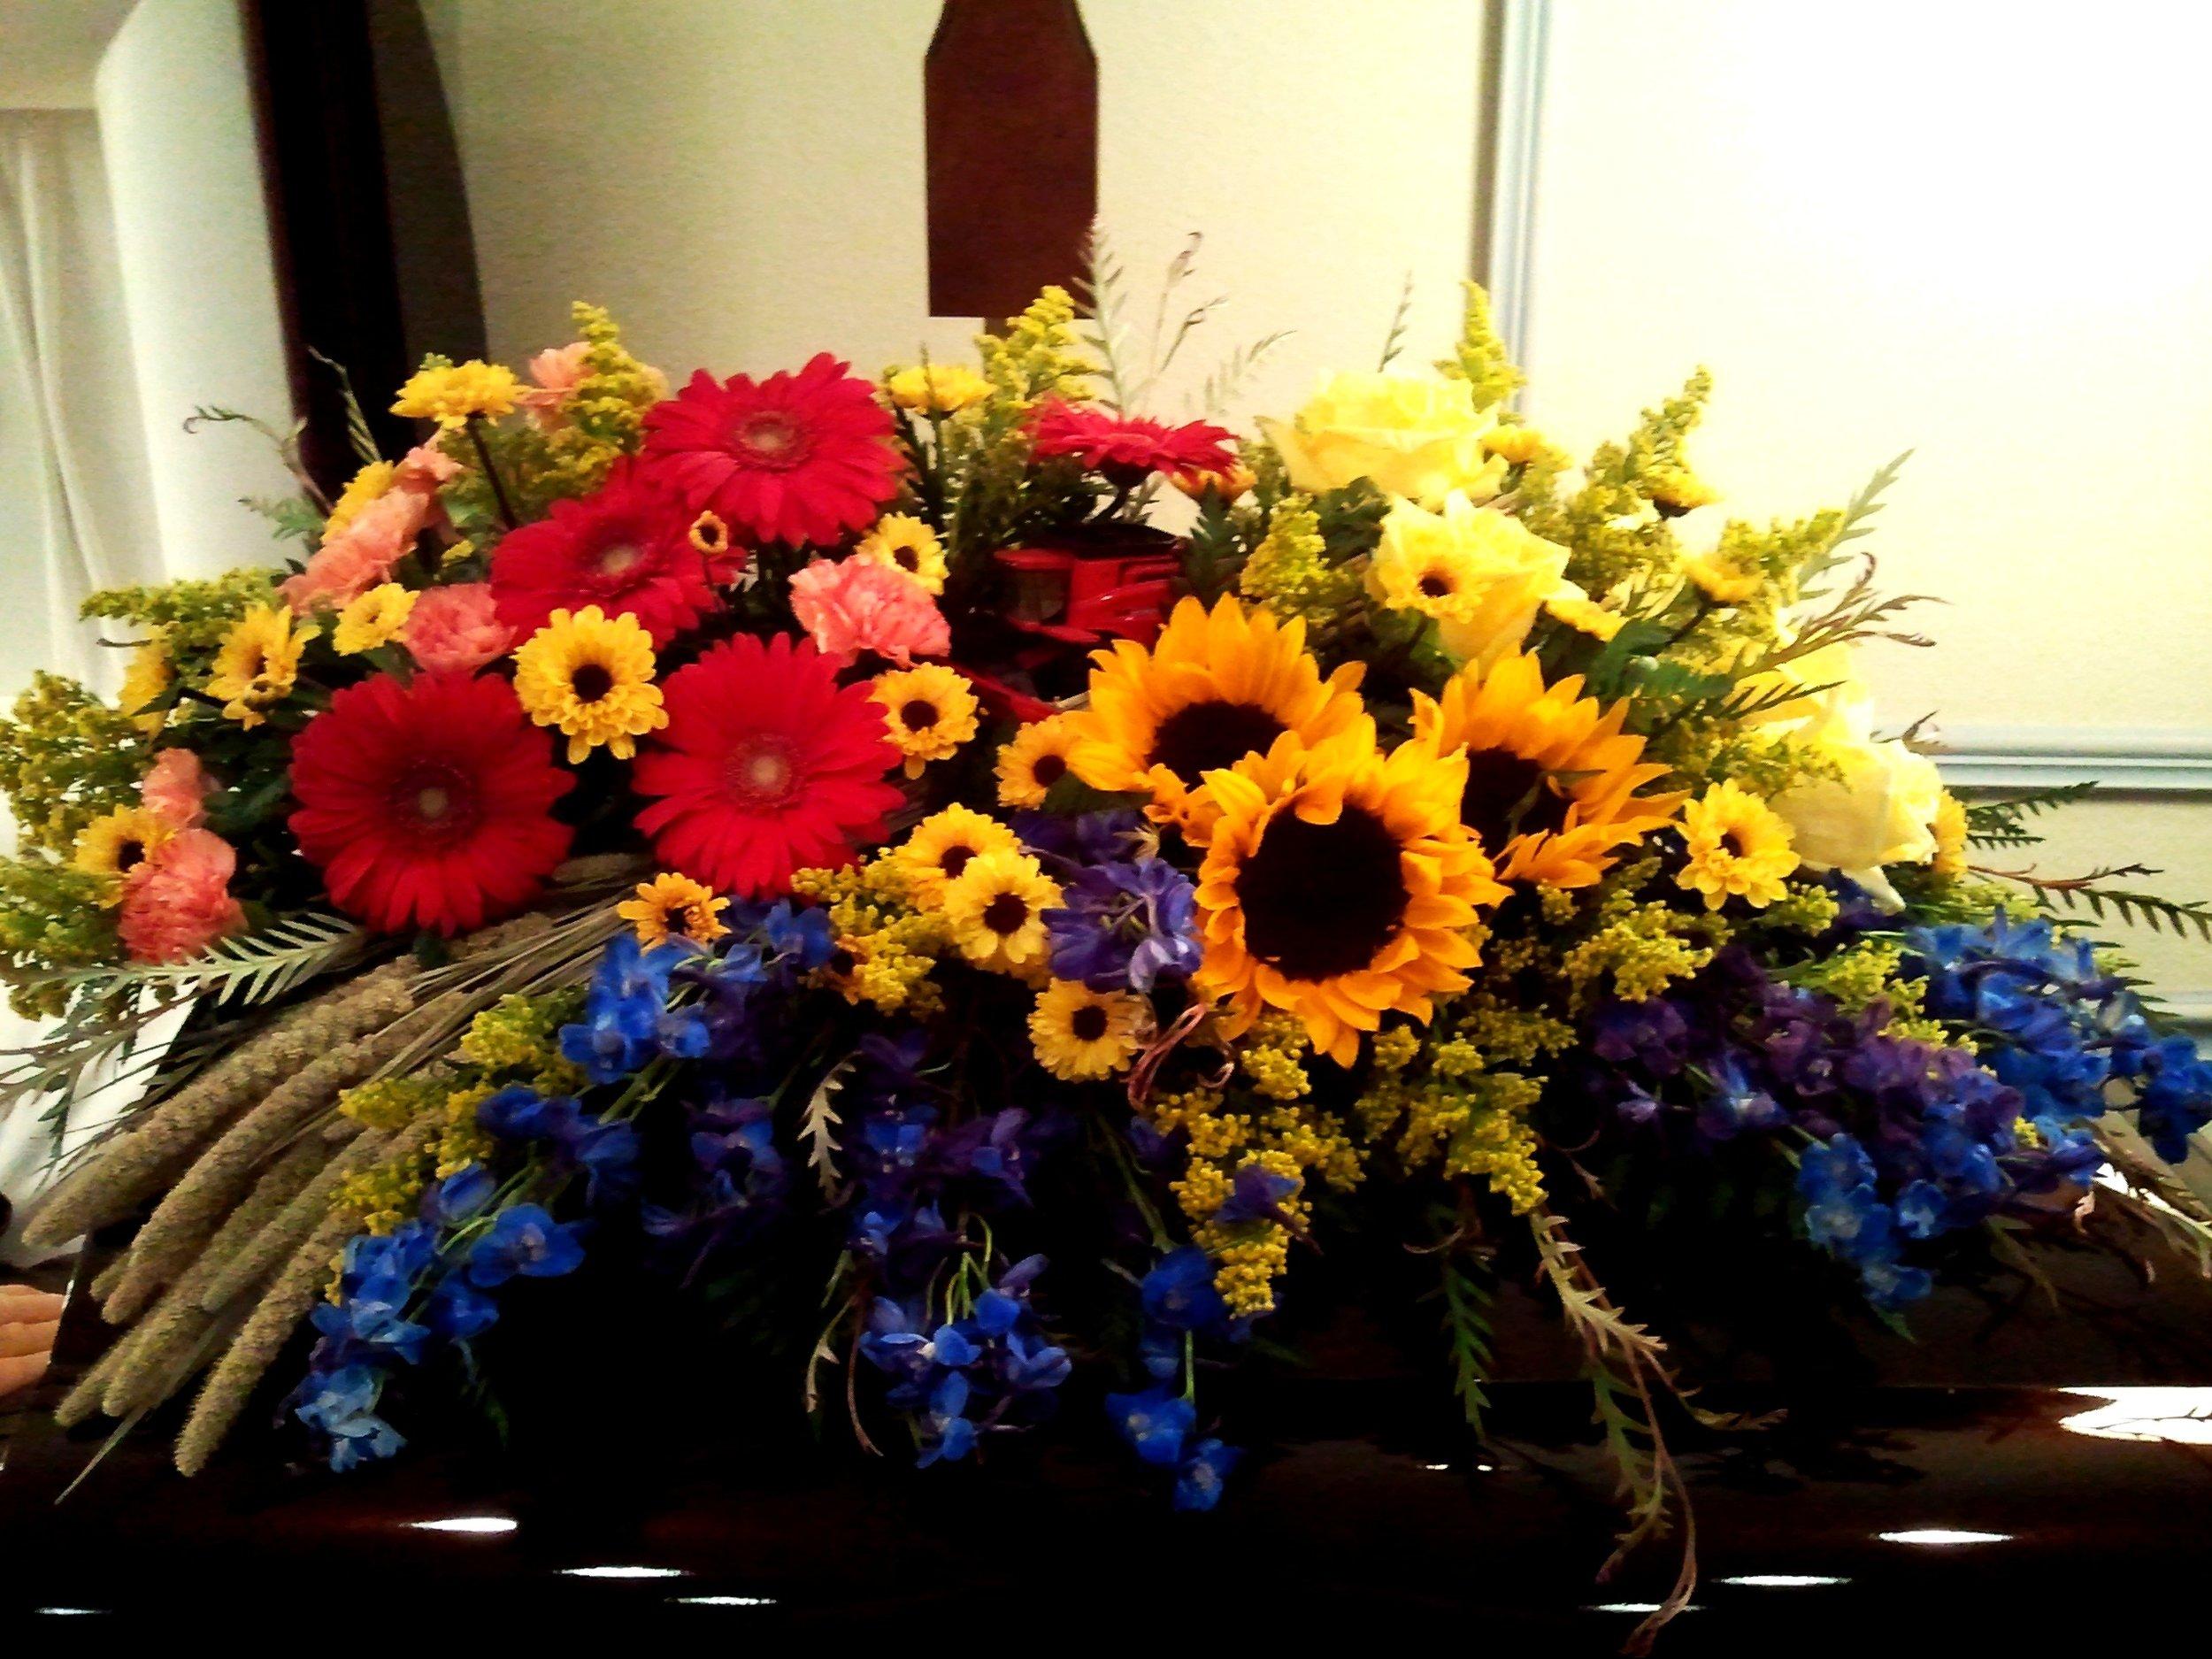 2012-05-18 14.12.02.jpg